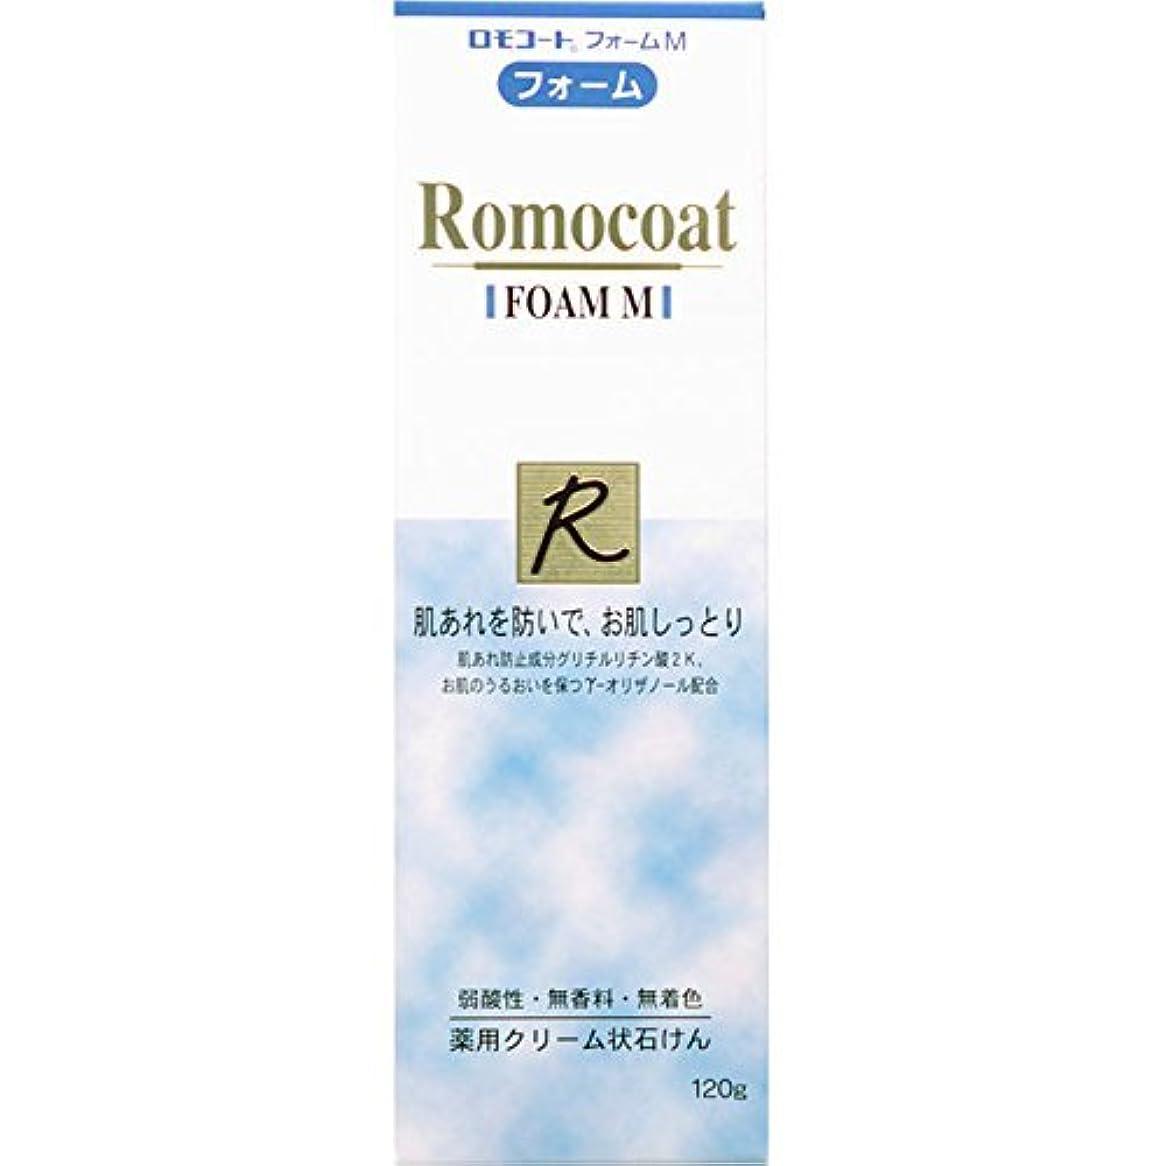 ロッド川スポーツマン【2個】ロモコートフォームM 120gx2個 (4987305032621-2)